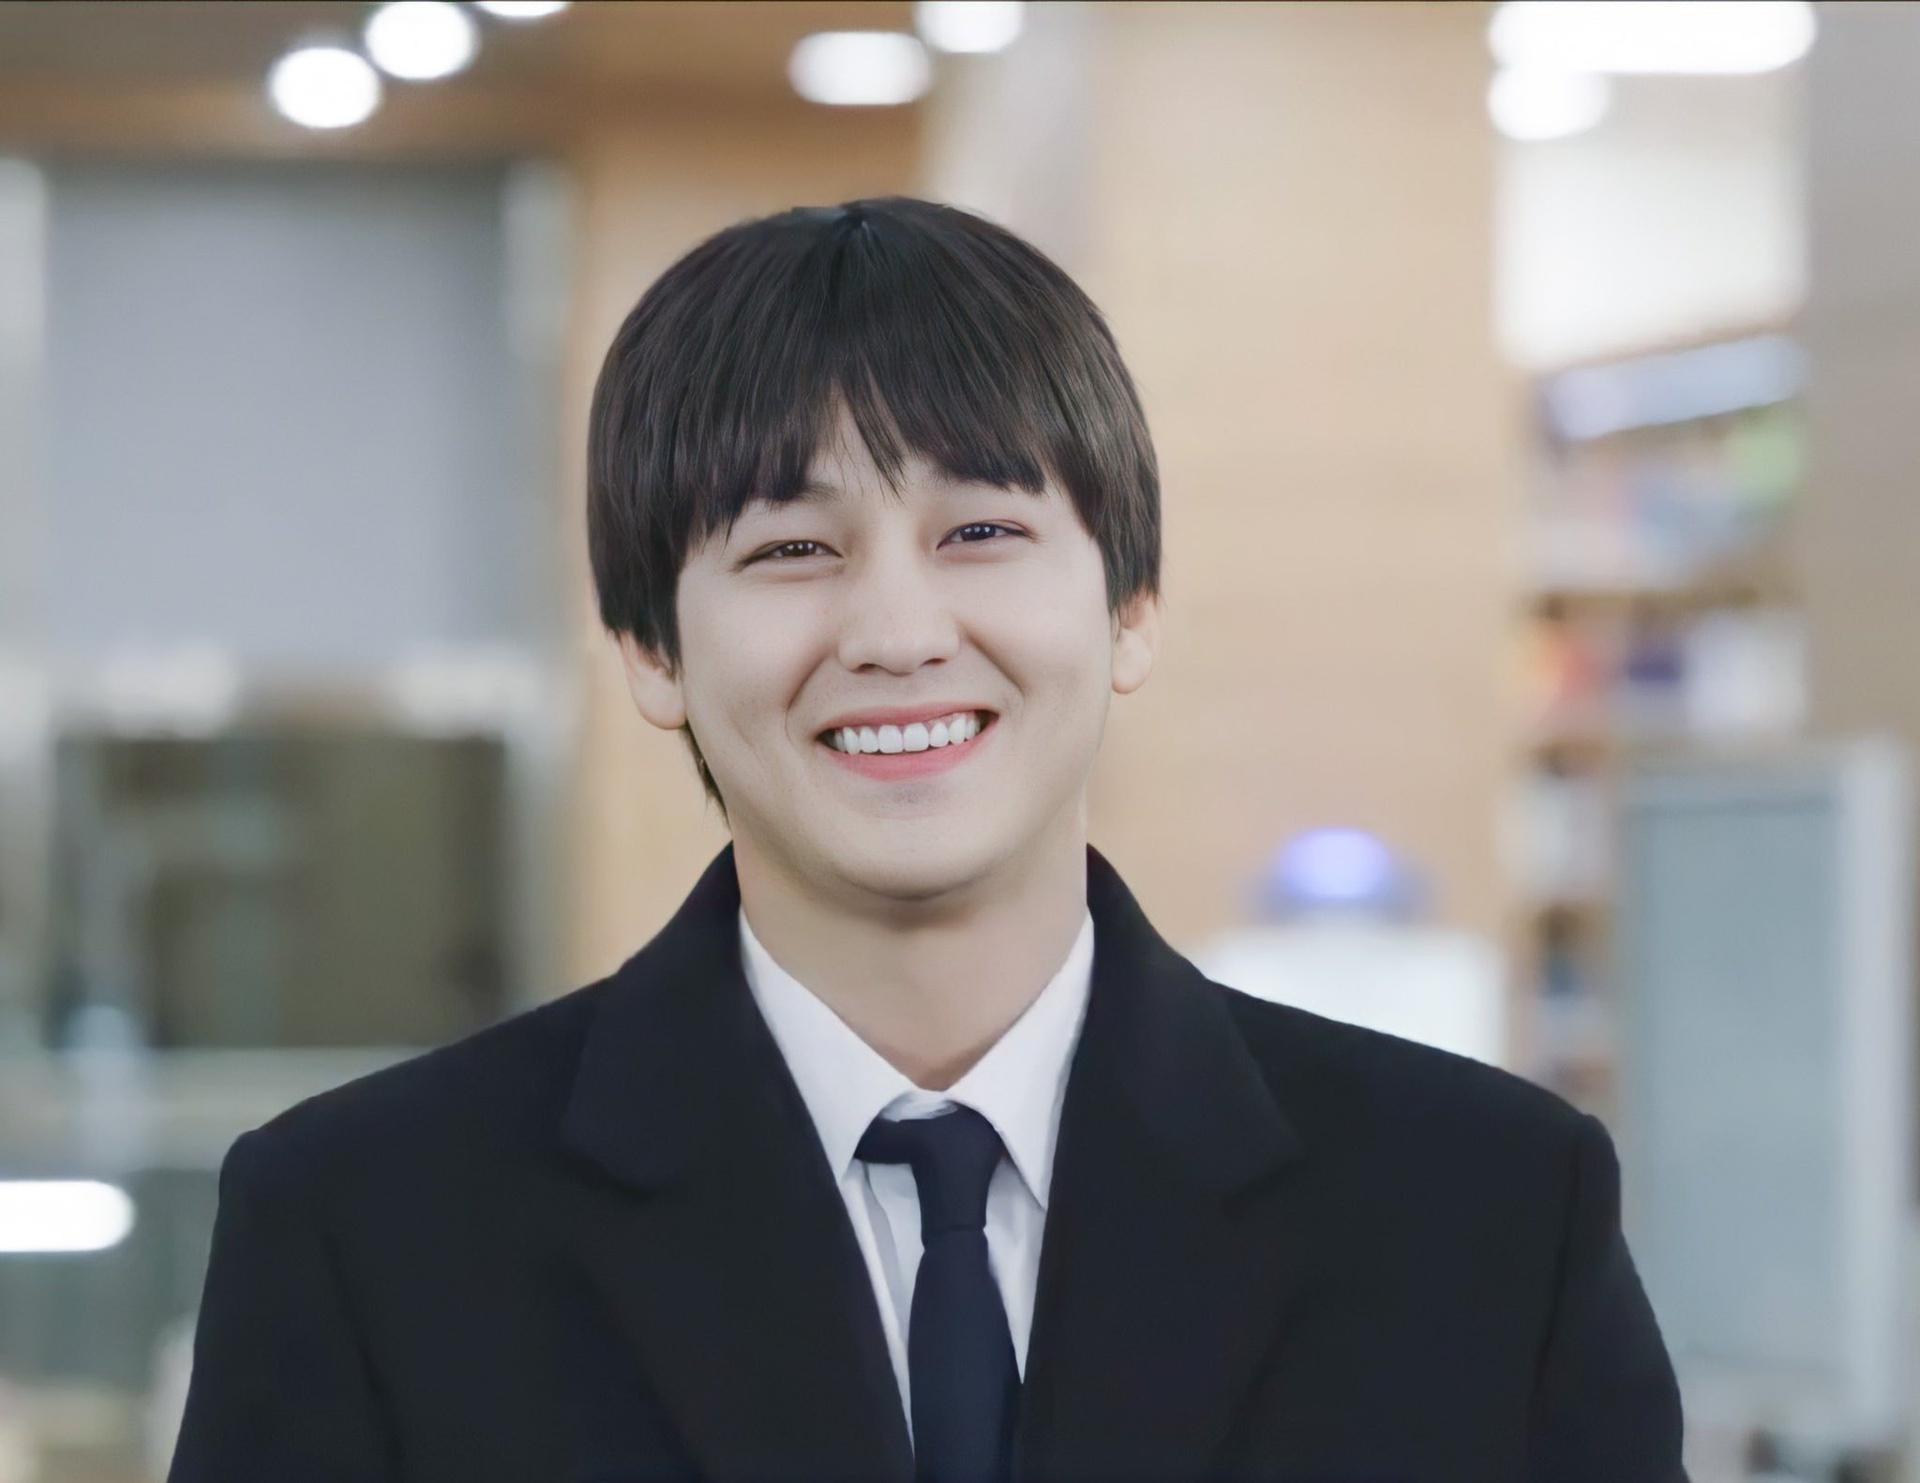 Tài tử xứ Hàn rạng rỡ trong bộ đồ đồng phục của trường luật. Khuôn mặt thanh tú cùng nụ cười tỏa nắng trở thành thương hiệu của nam diễn viên trong hơn một thập kỷ qua.